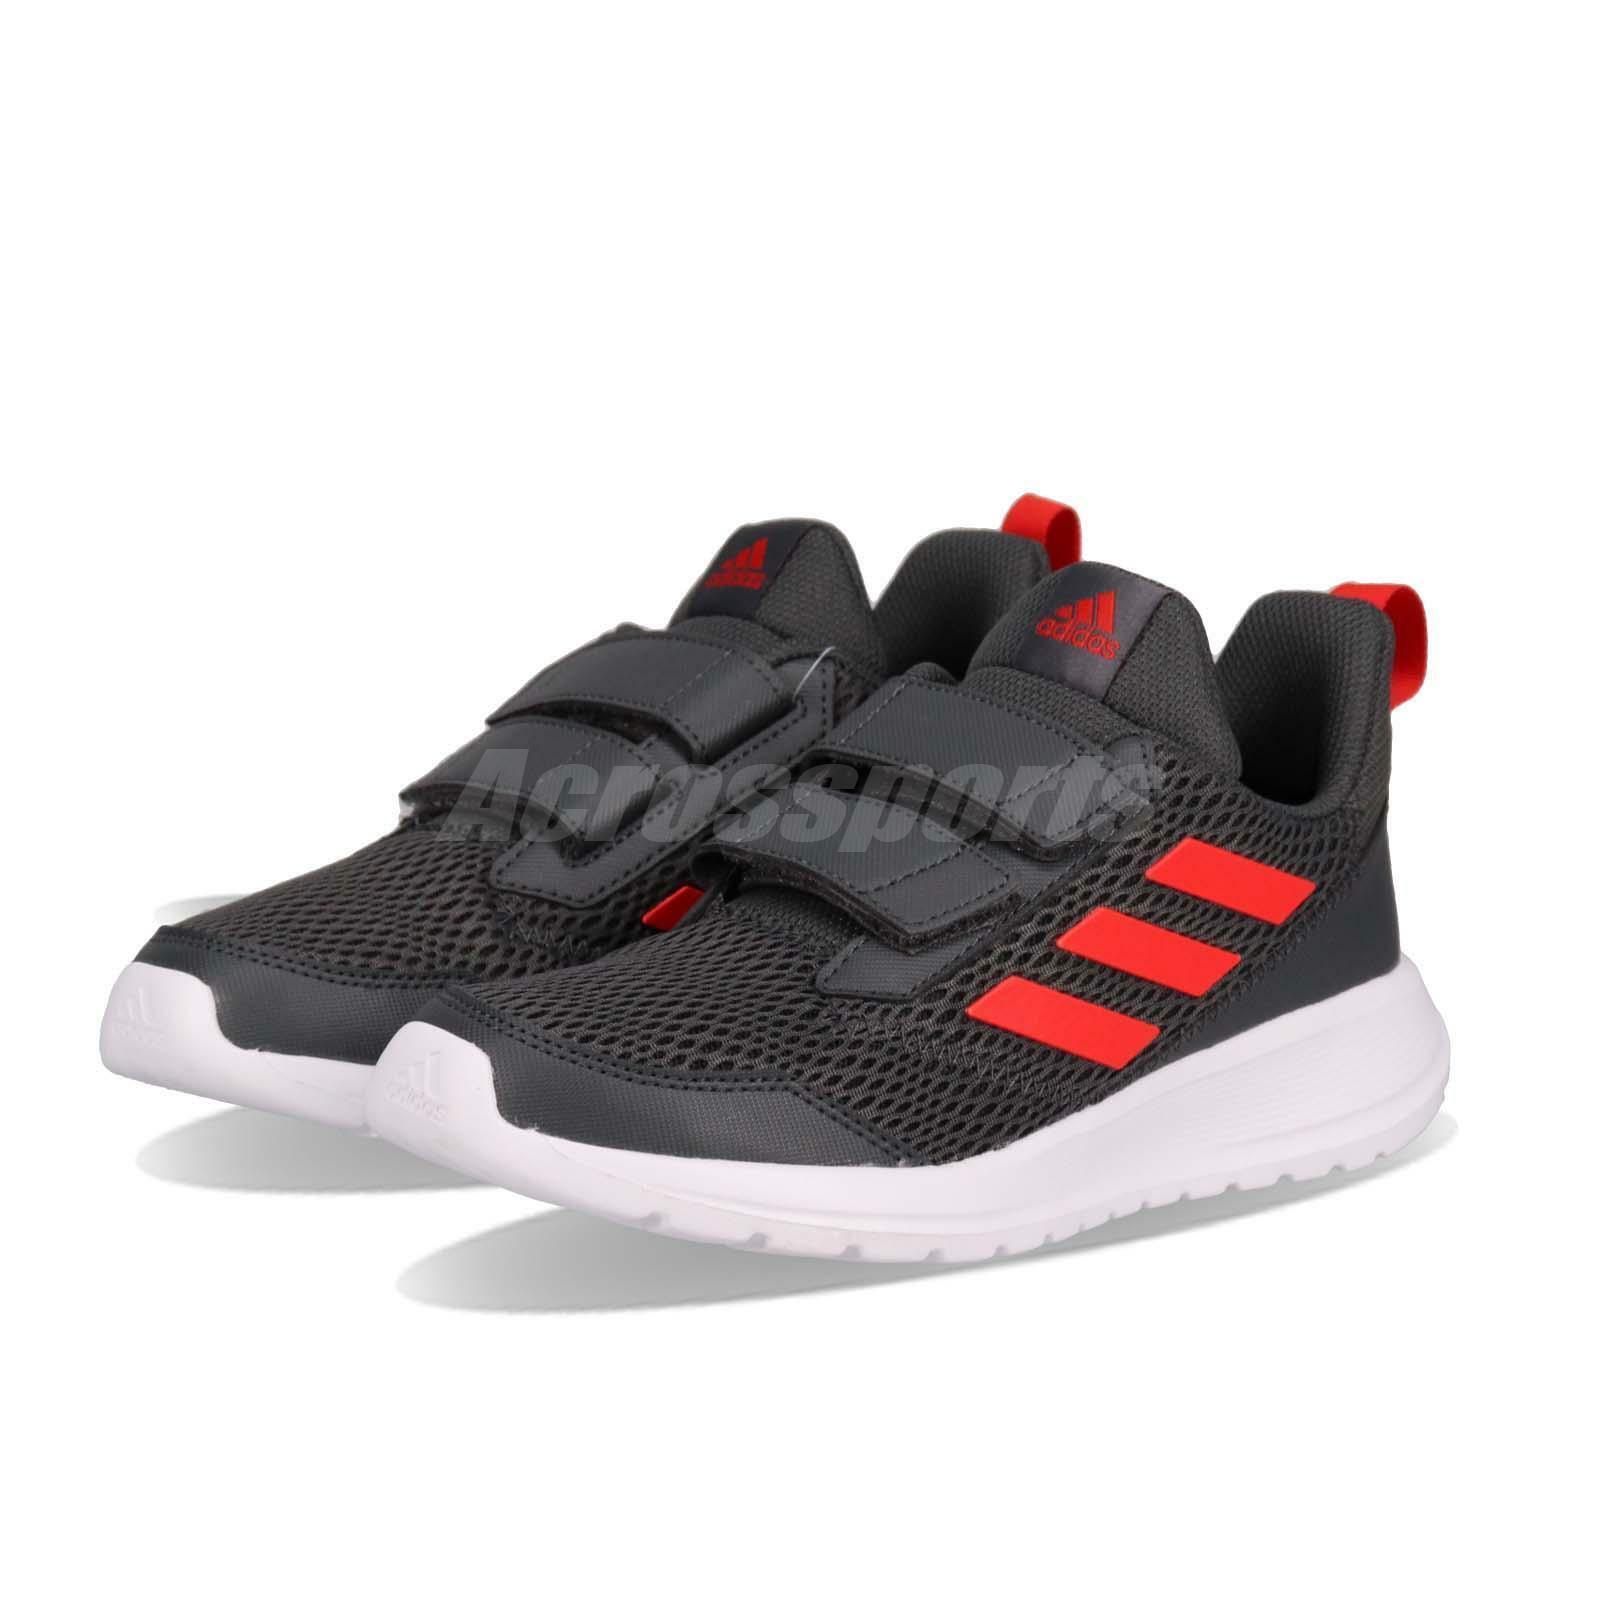 Adidas AltaRun CF K gris rojo blanco Kid Junior Preschool zapatos zapatillas CG6896